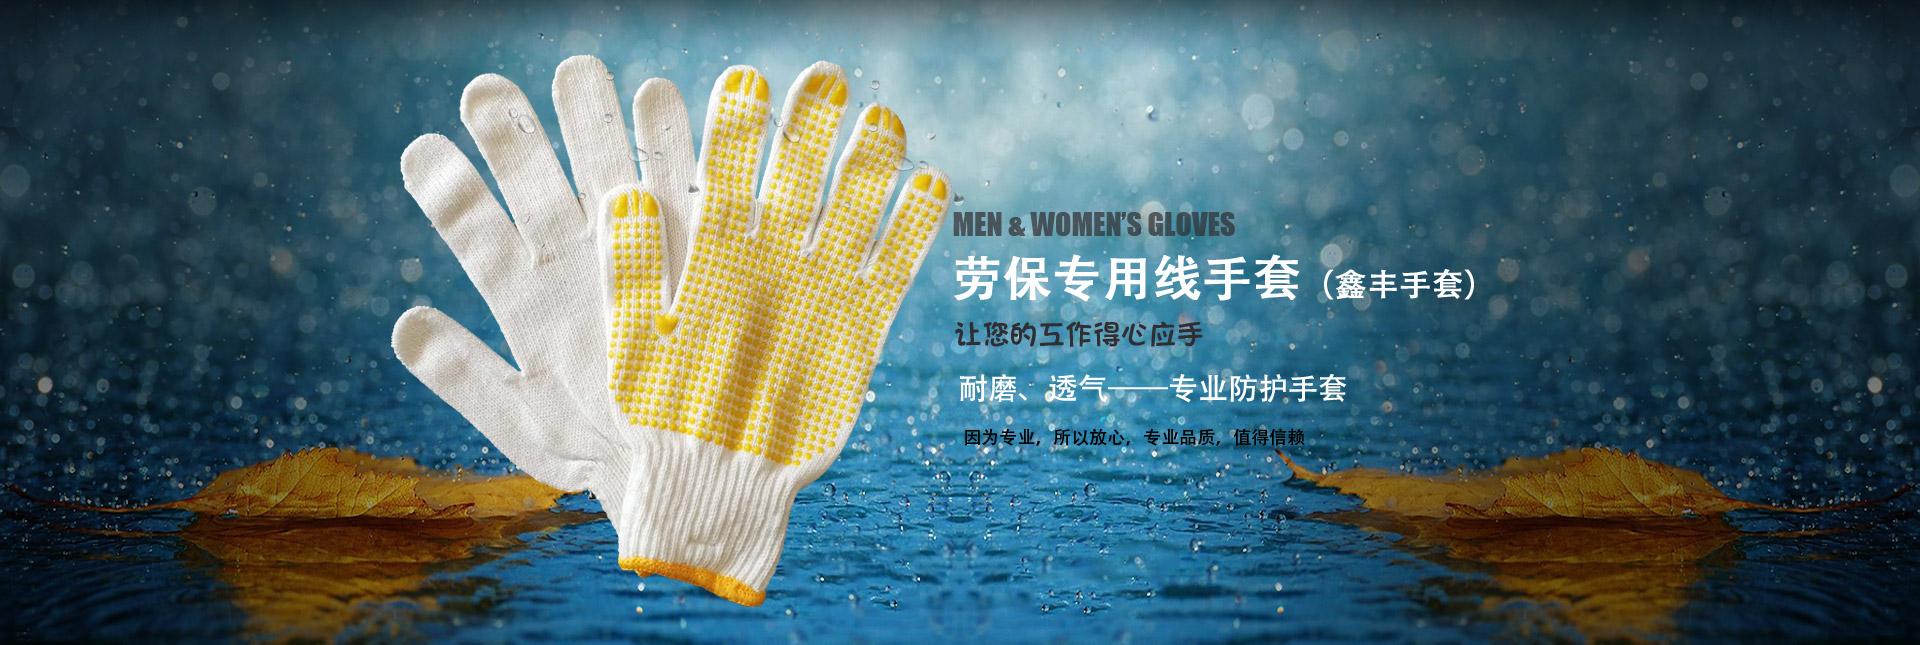 青岛nba直播manbetxnba直播视频直播对于很多工厂来说都是必备的工